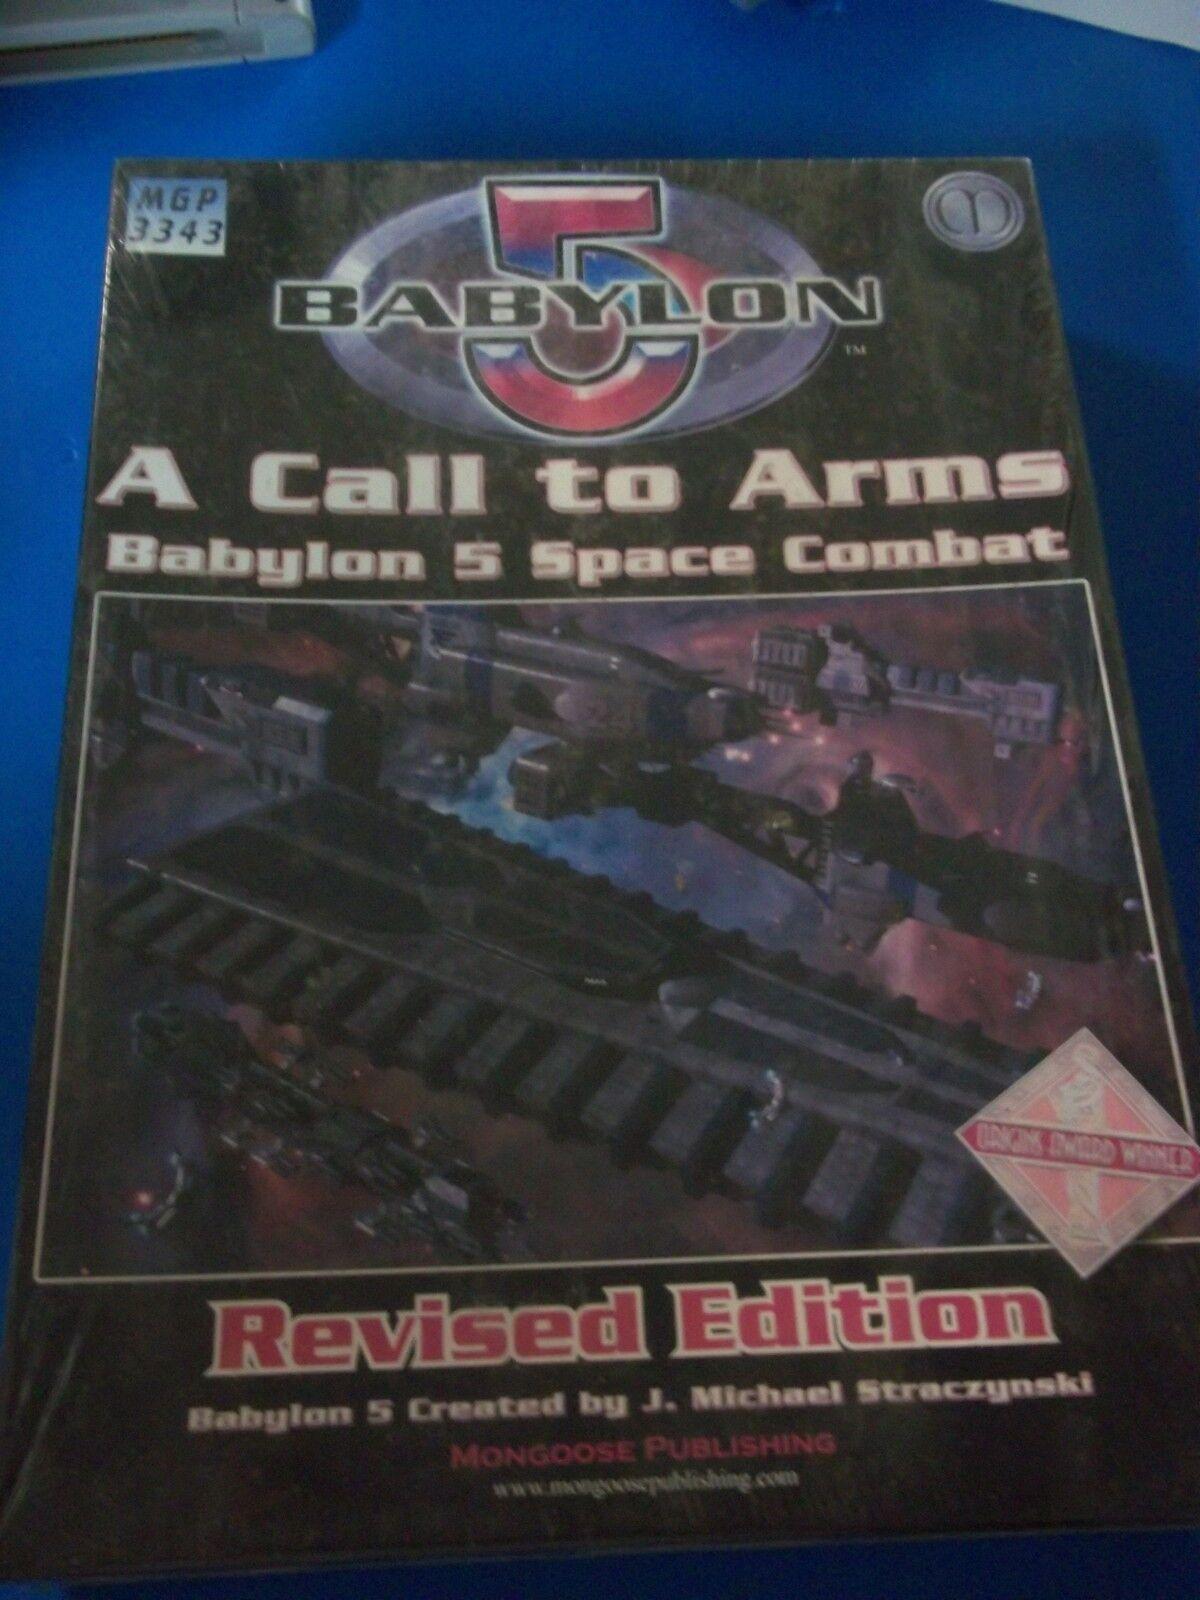 BABYLONE 5 A Call to Arms Space Combat édition révisée Scellé